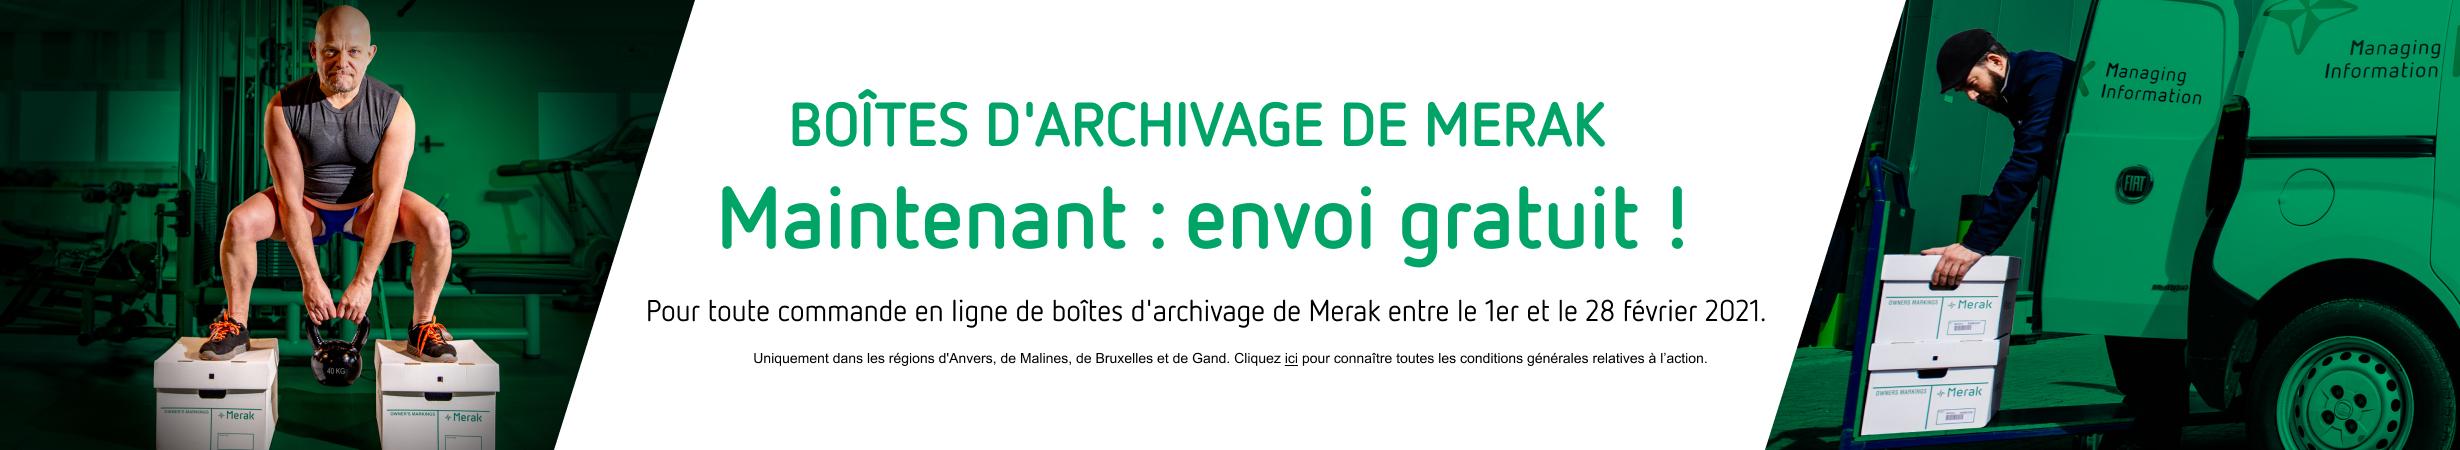 Boites d'archivage de Merak